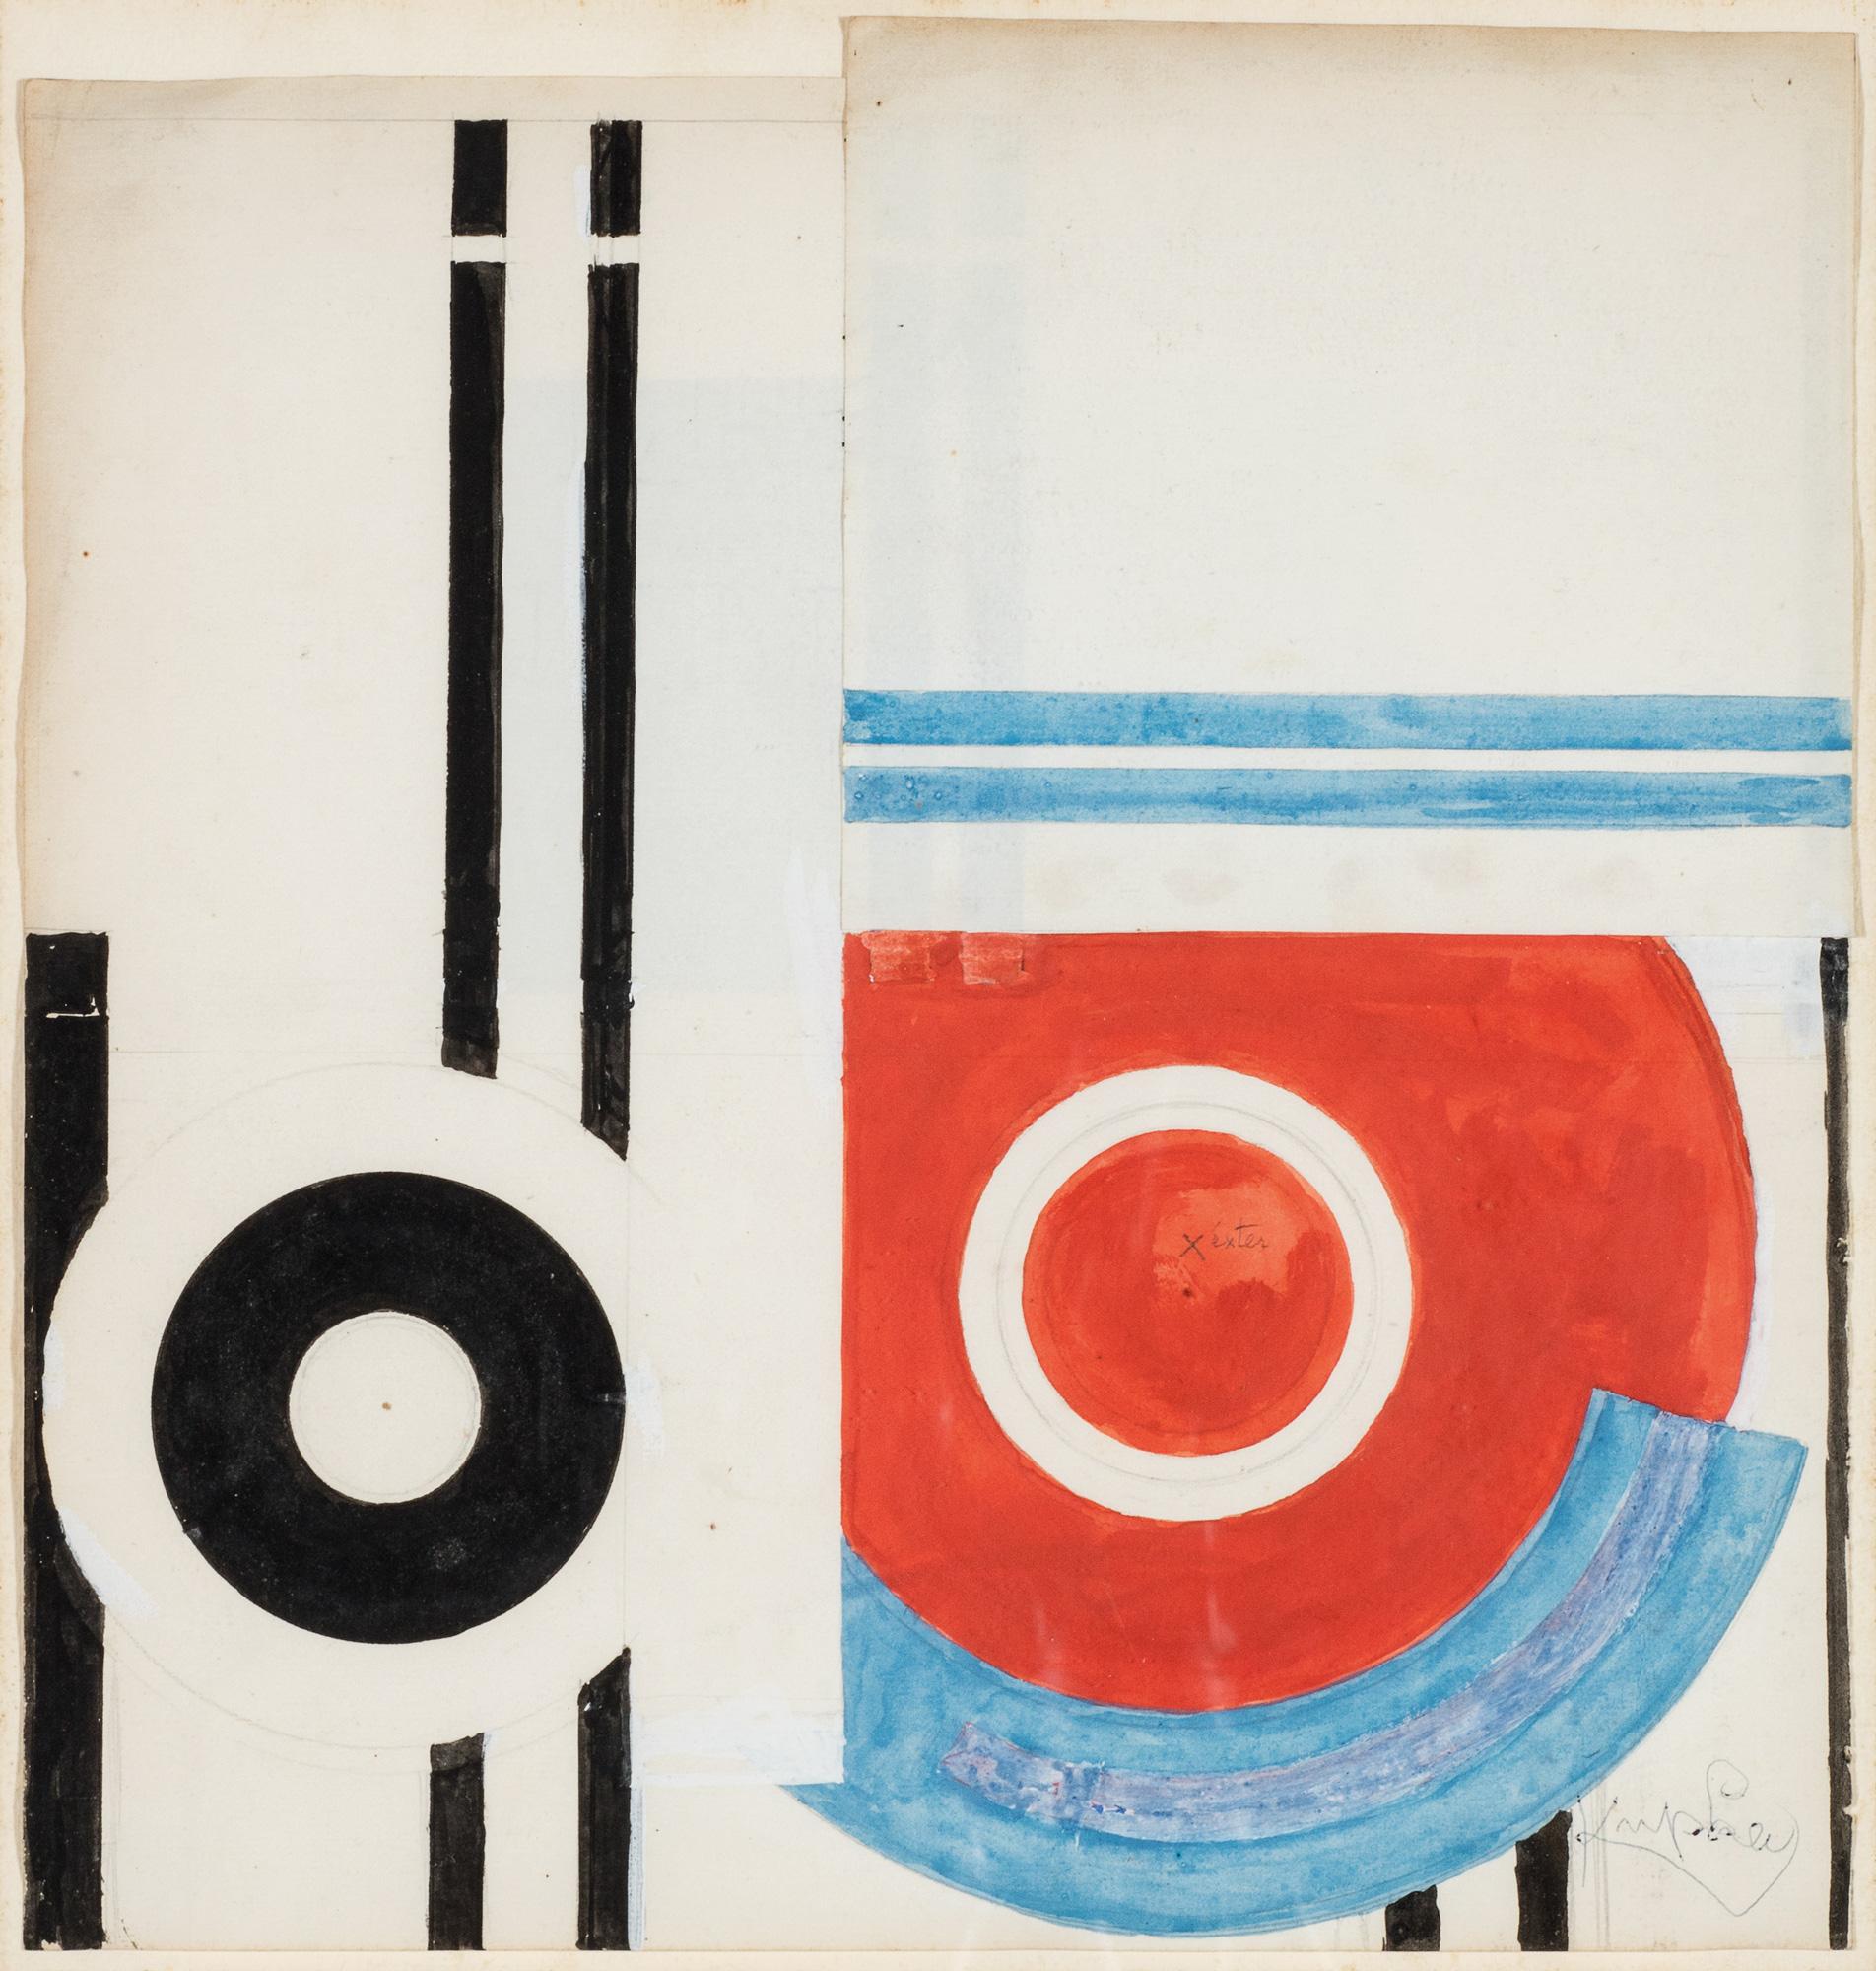 Disques et traits noir, 1932